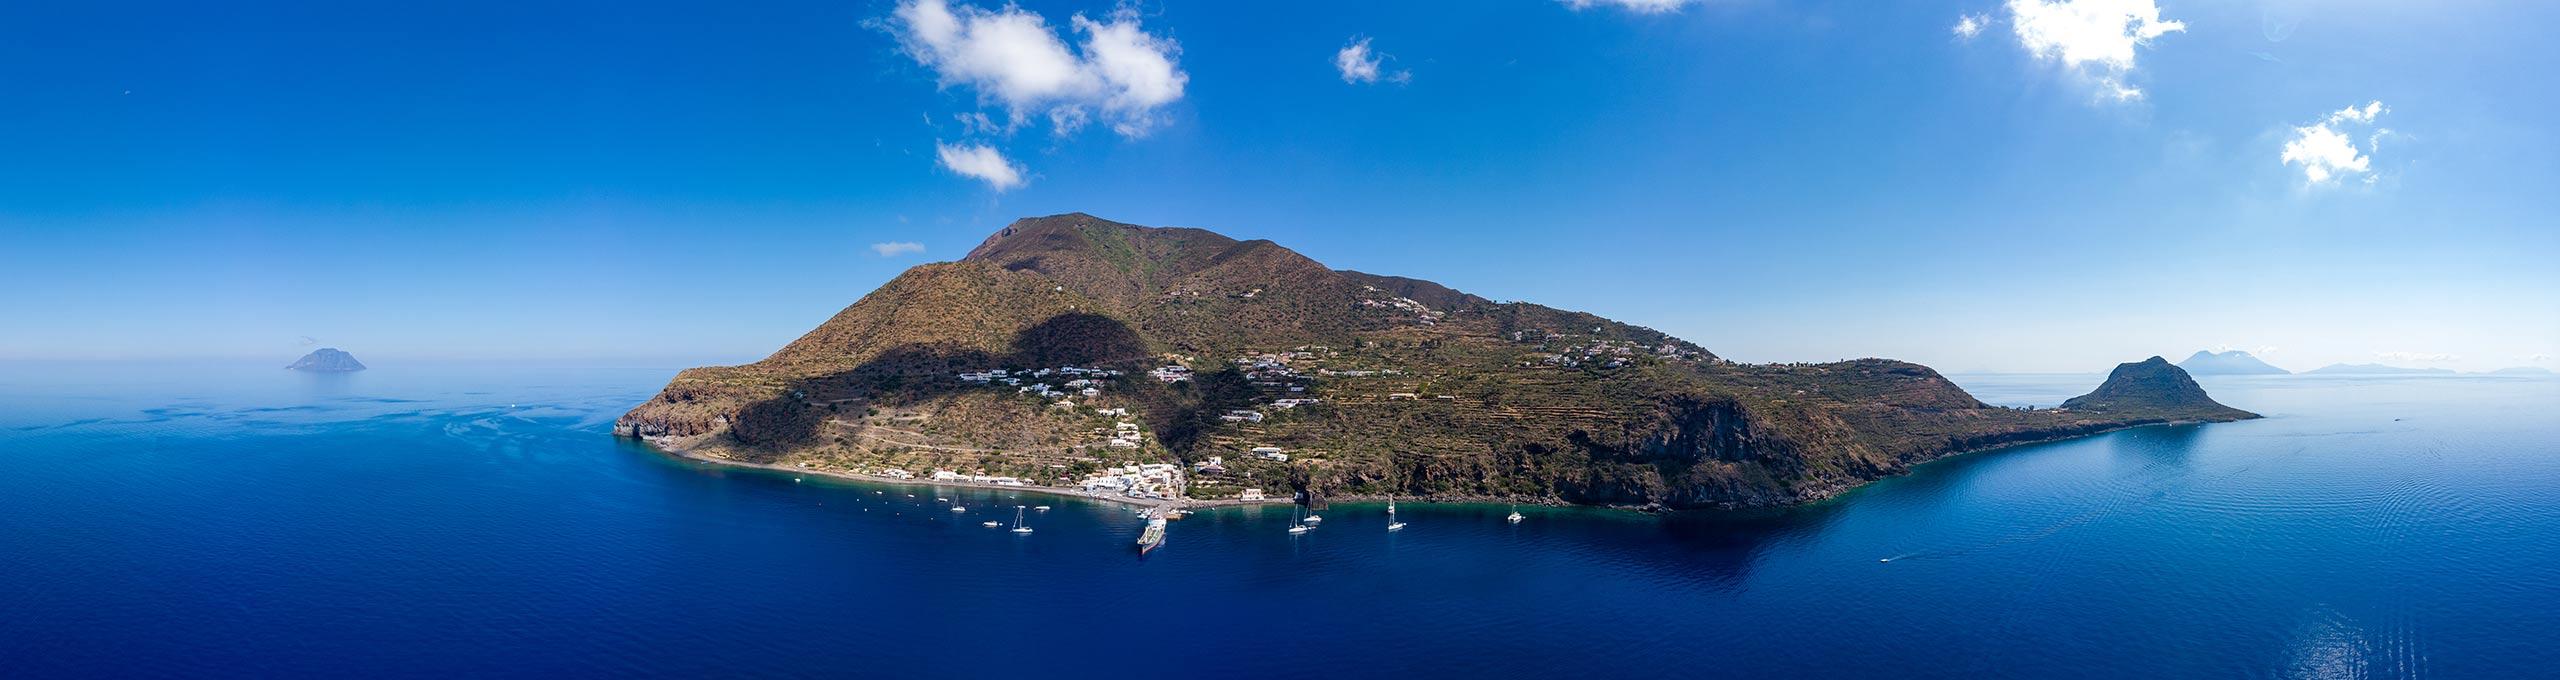 Vista panoramica dell'isola Filicudi nell'arcipelago delle Eolie